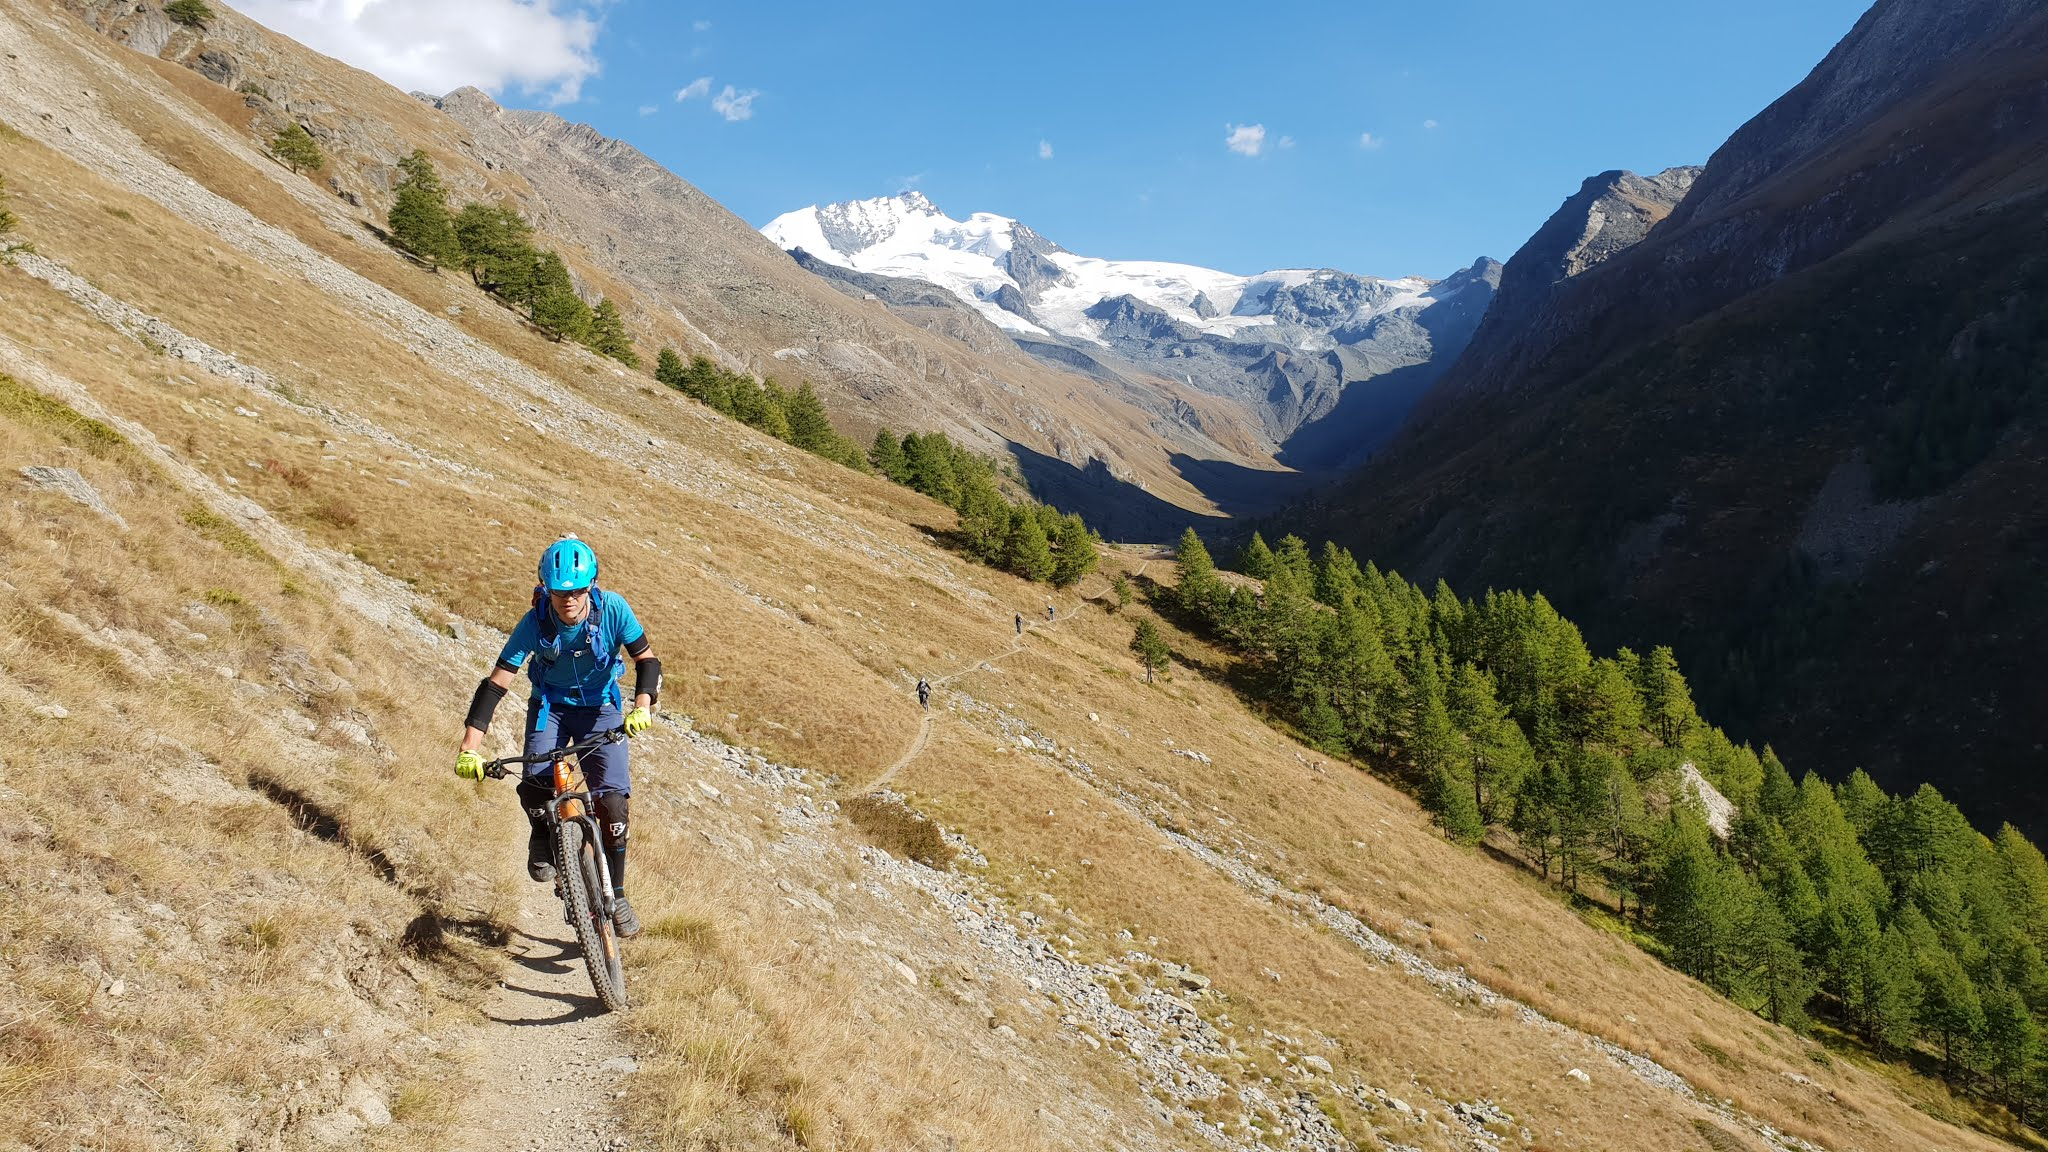 bikewochenende_zermatt5.jpg